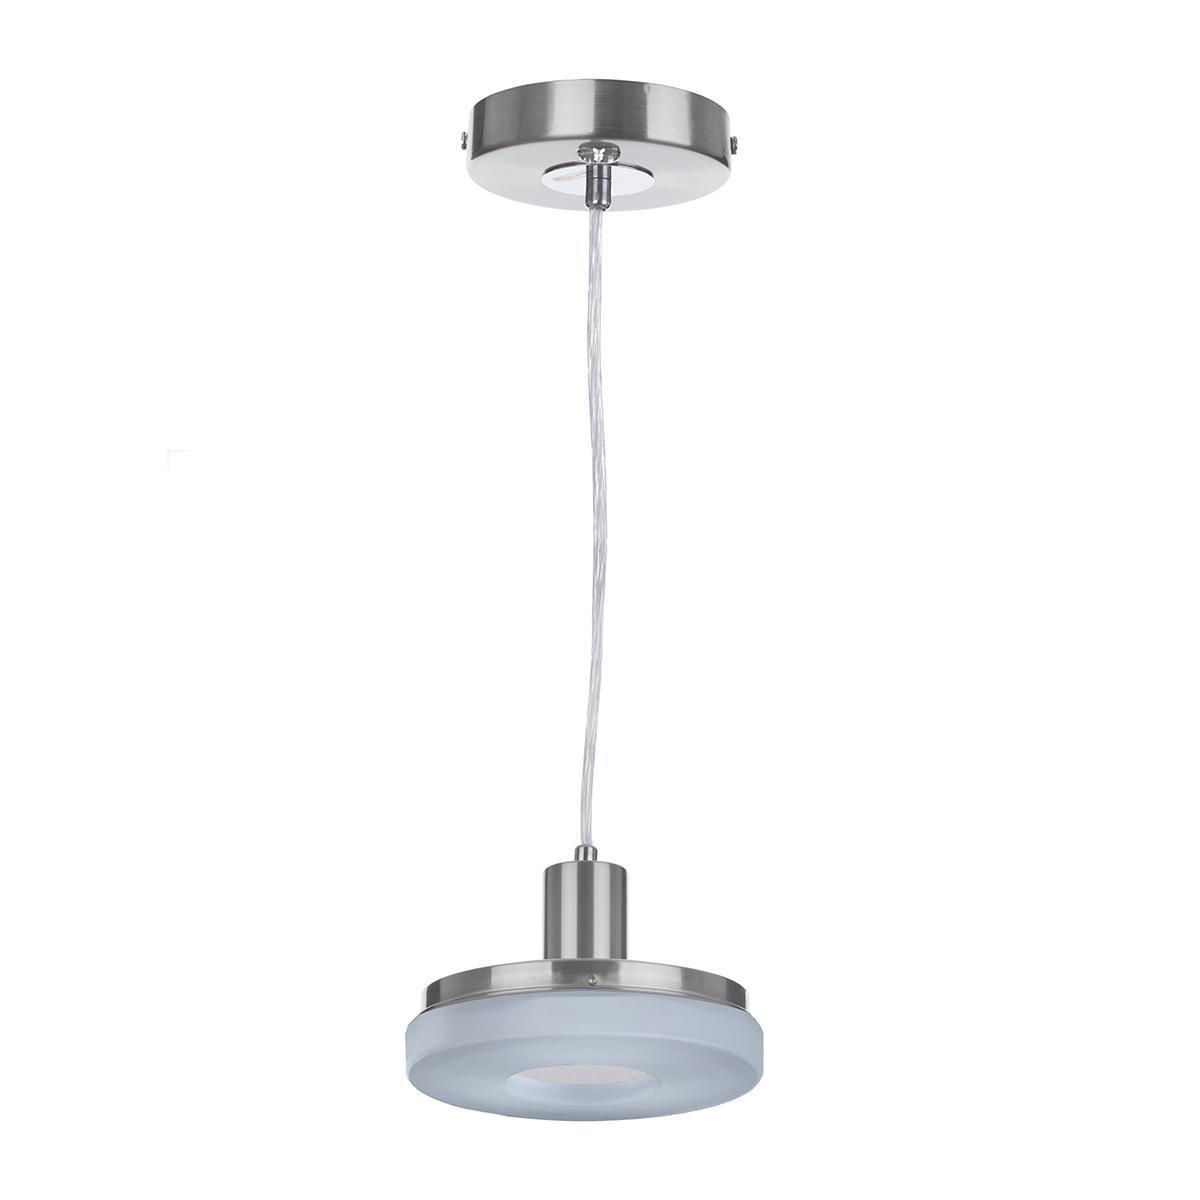 Подвесной светодиодный светильник IDLamp Frittelle 107/1-LEDWhitechrome торшер idlamp frittelle 107 1p ledwhitechrome